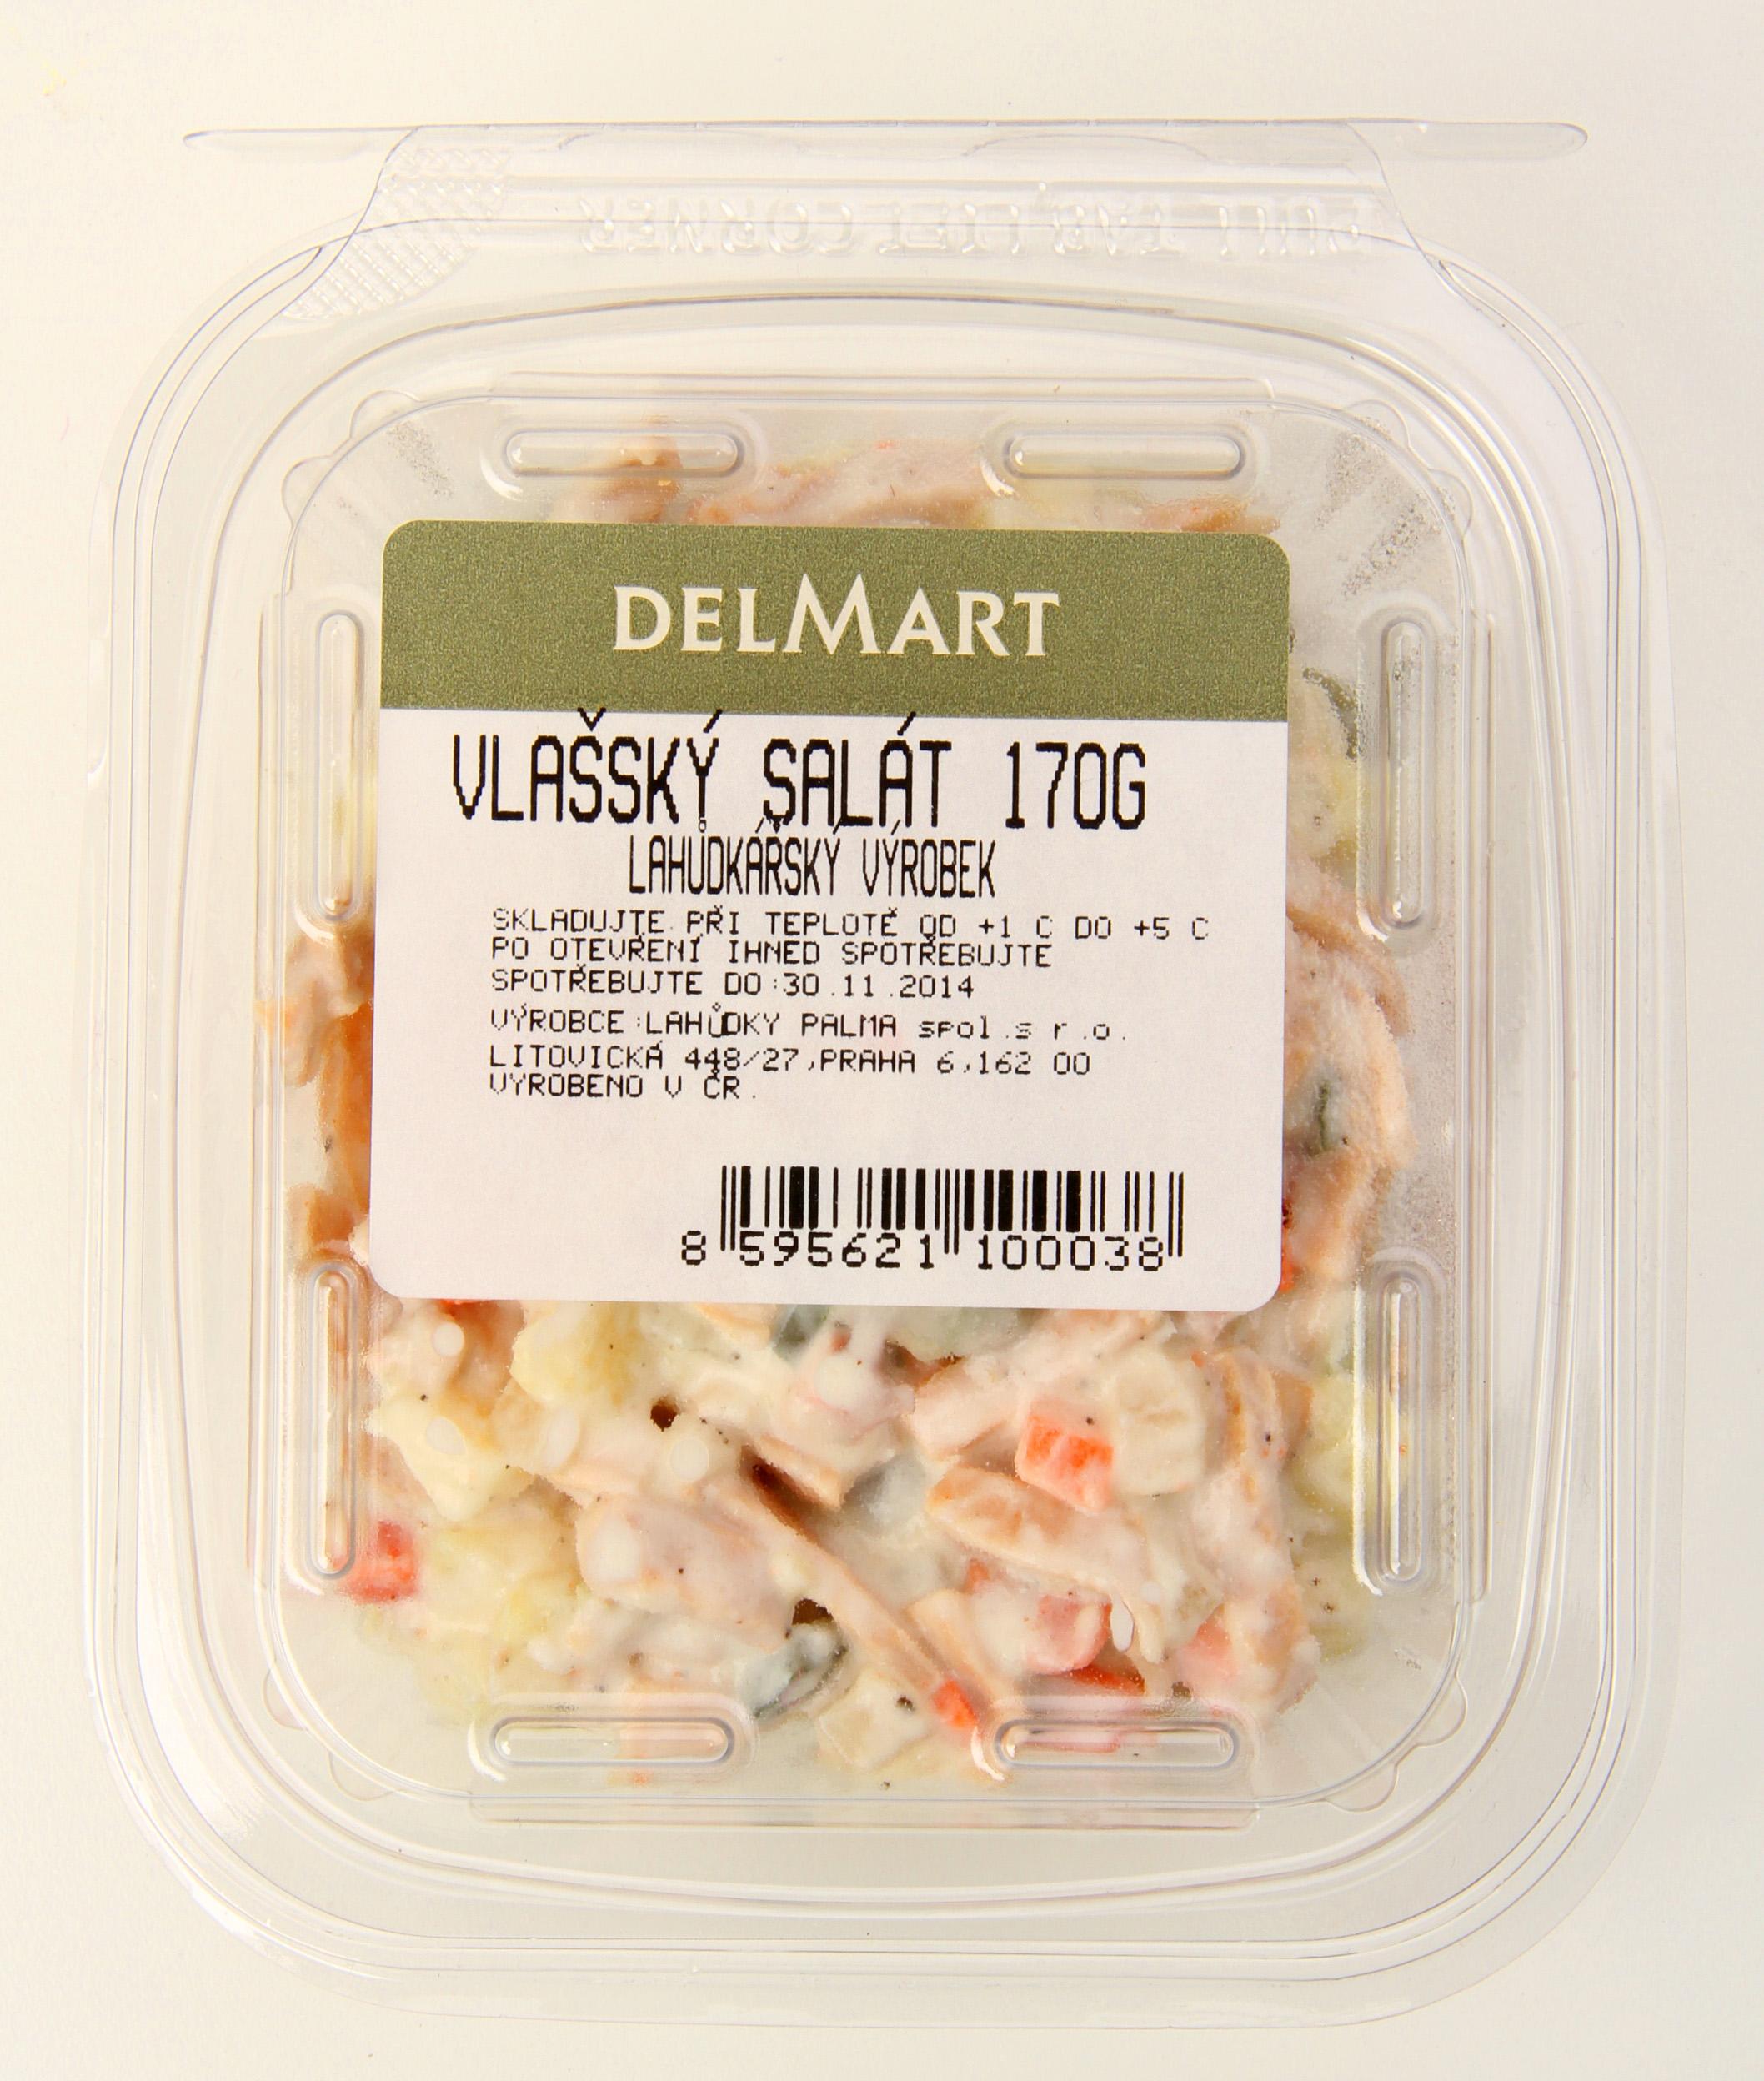 Delmart Vlašský salát